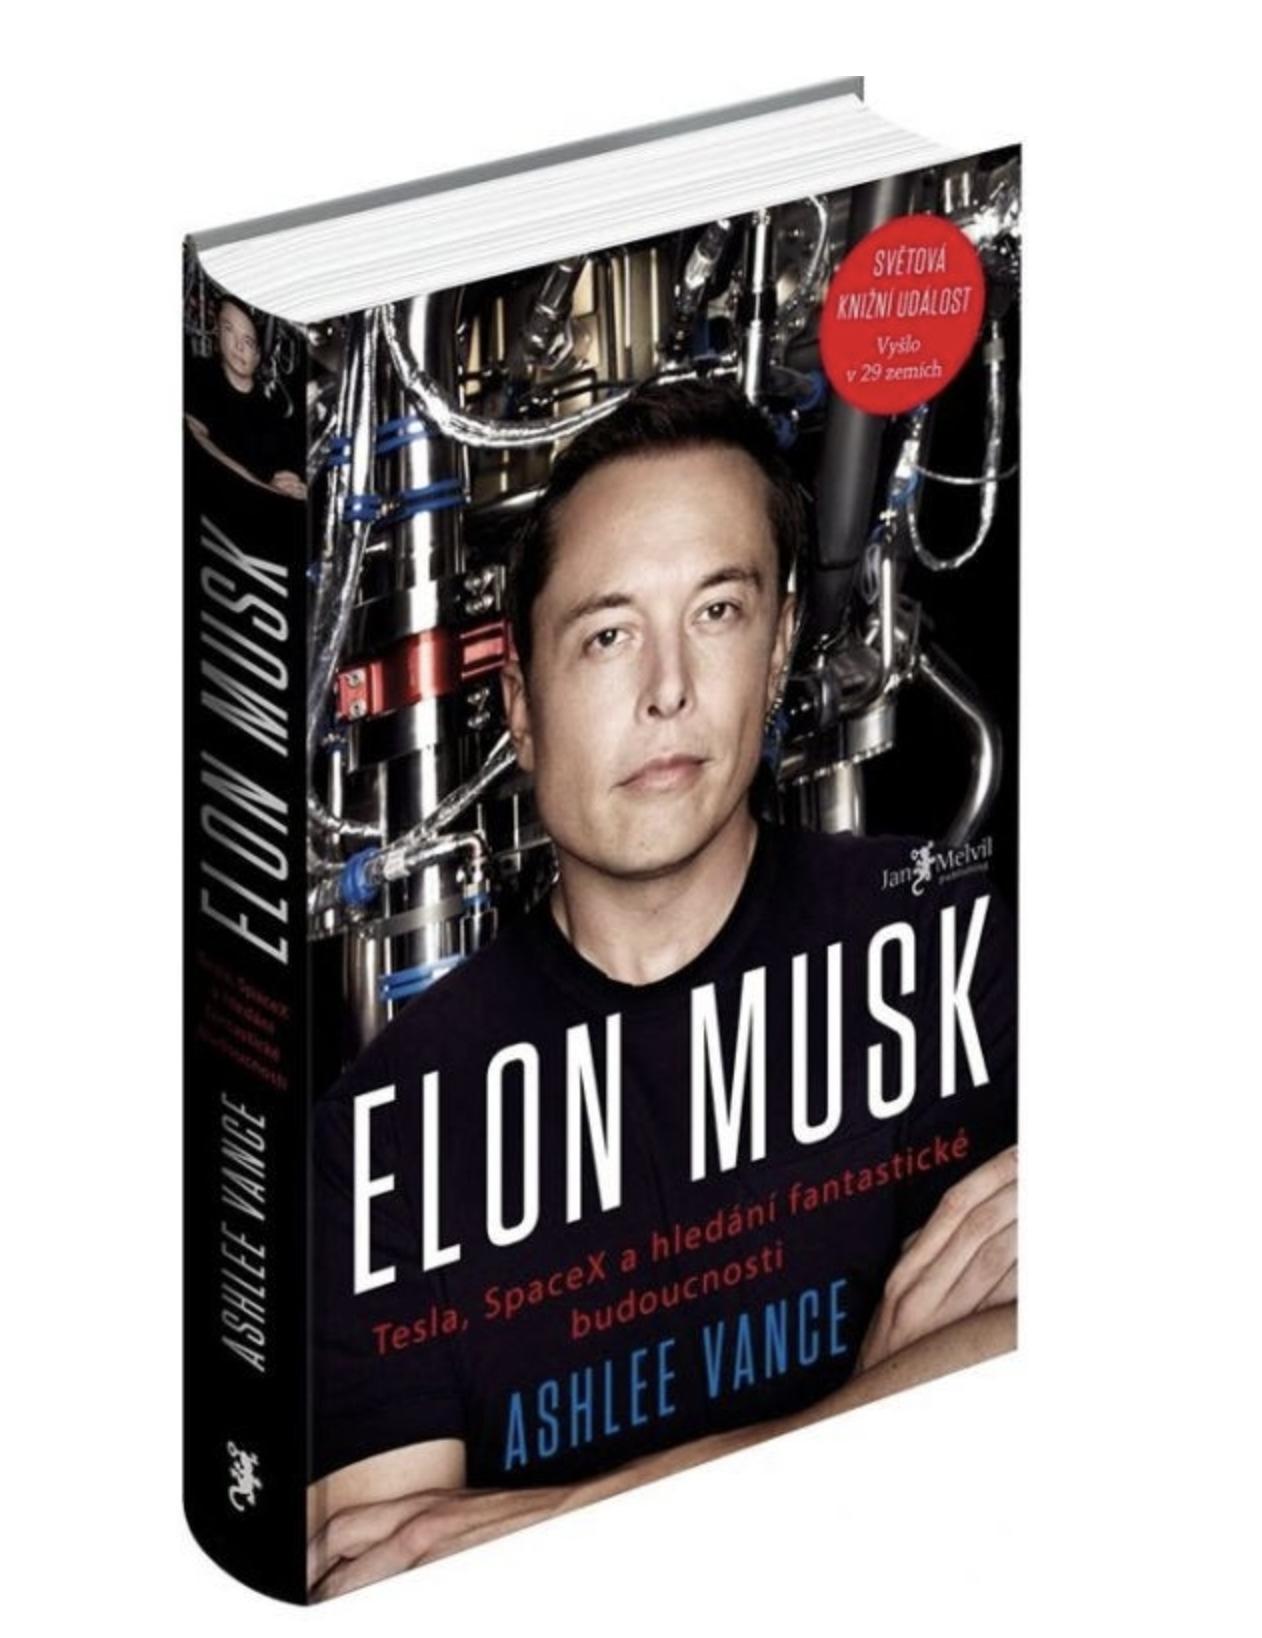 Melvil ELON MUSK Tesla, SpaceX a hľadanie fantastickej budúcnosti - Ashlee Vance